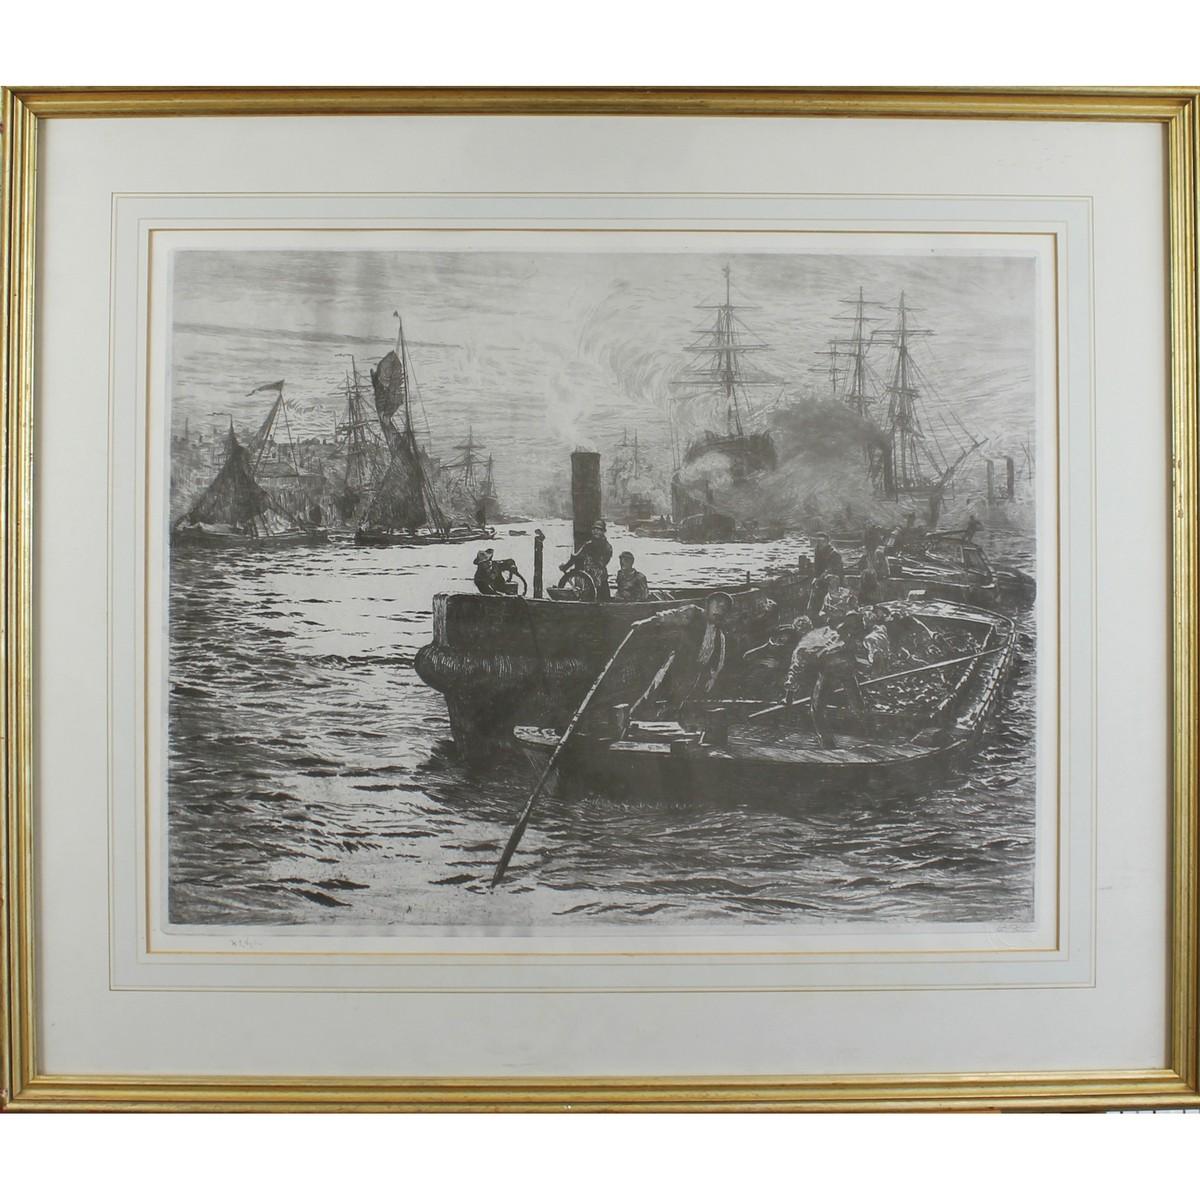 Lot 34 - Wyllie, William Lionel 1851-1931 British Busy Harbour.